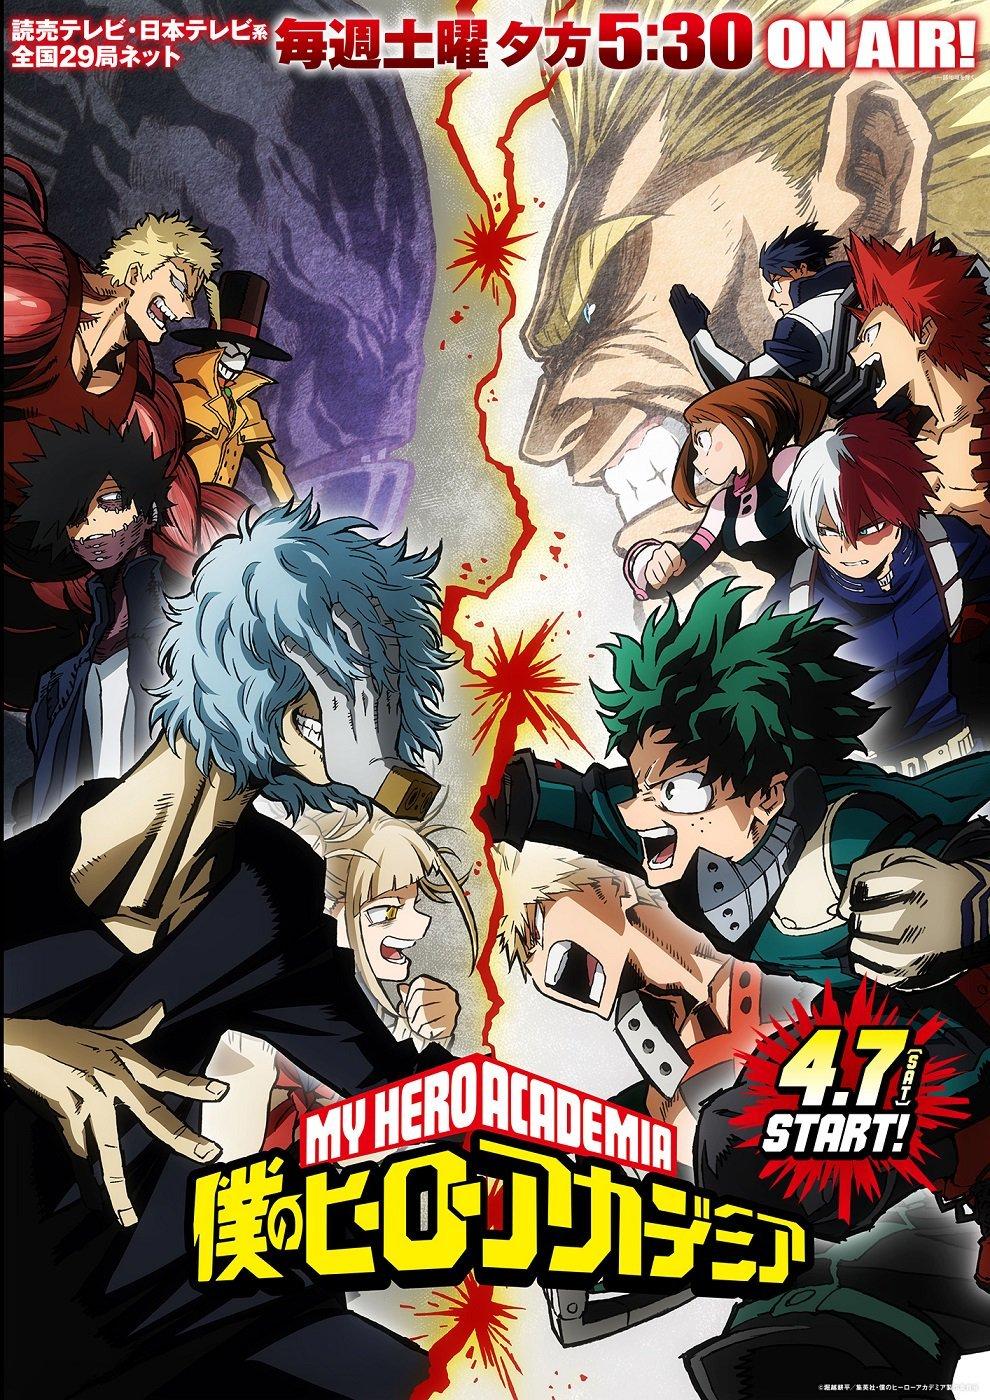 Nueva imagen promocional para Boku no Hero Academia 3